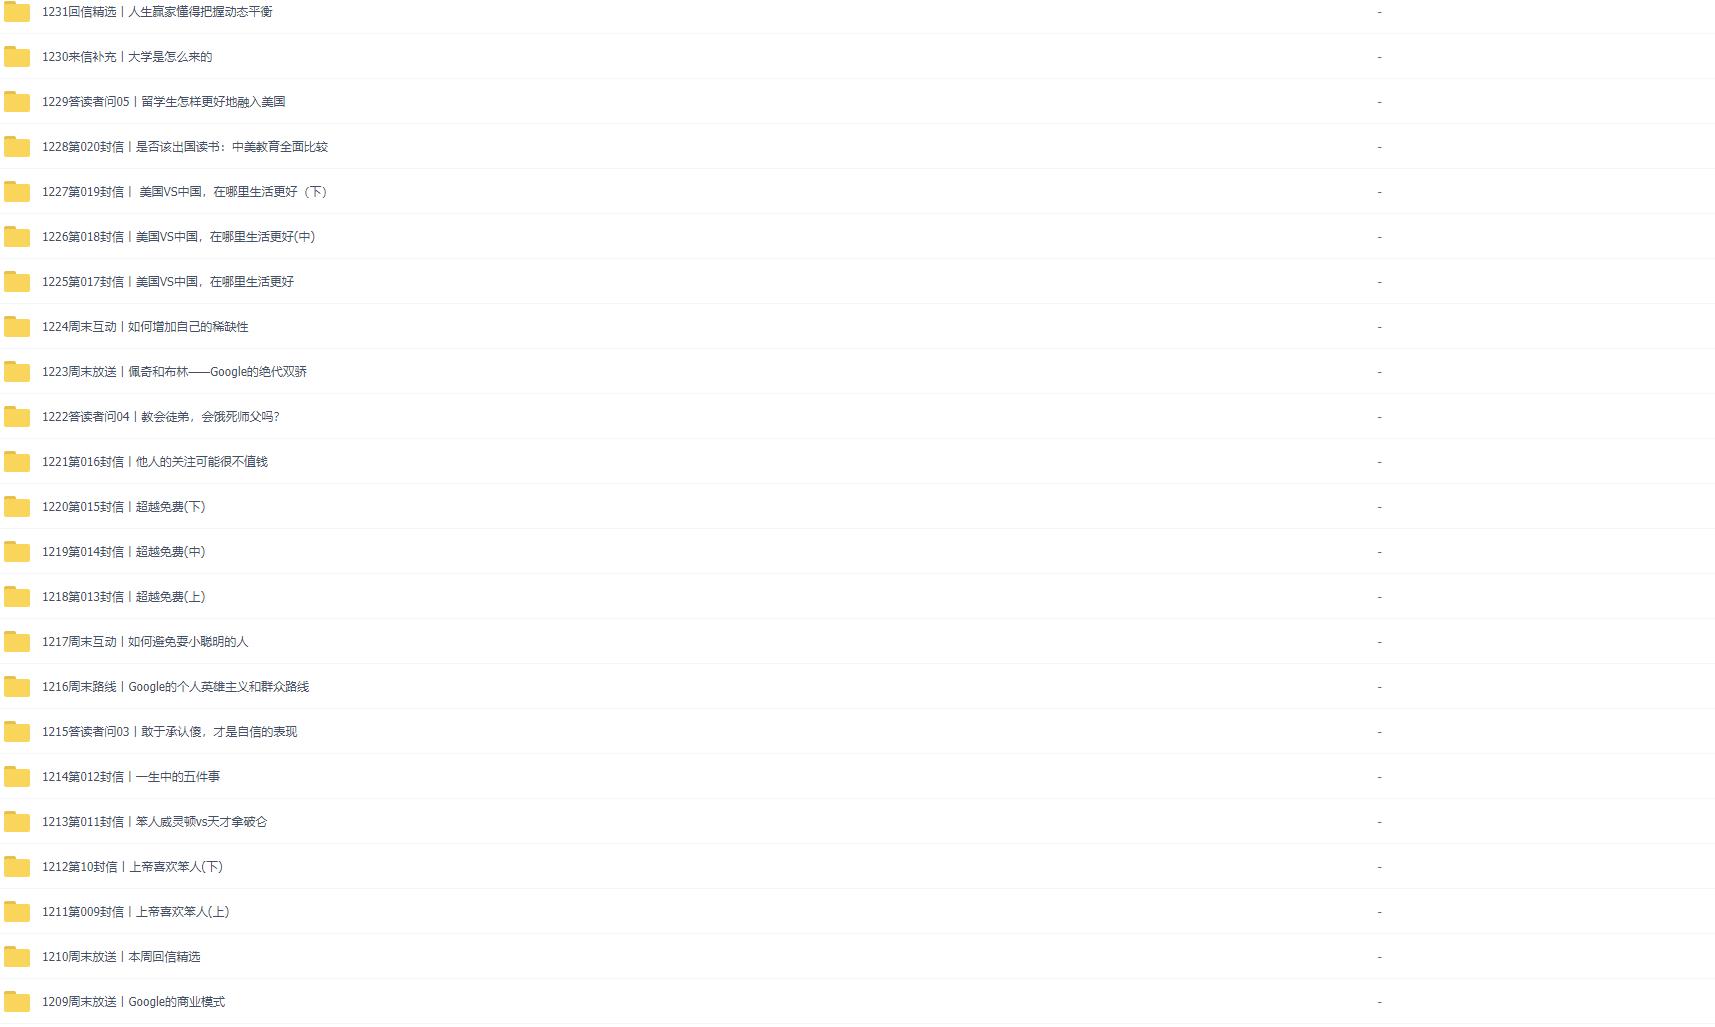 吴军硅谷来信谷歌方法论完整版音频百度云网盘下载(完结)